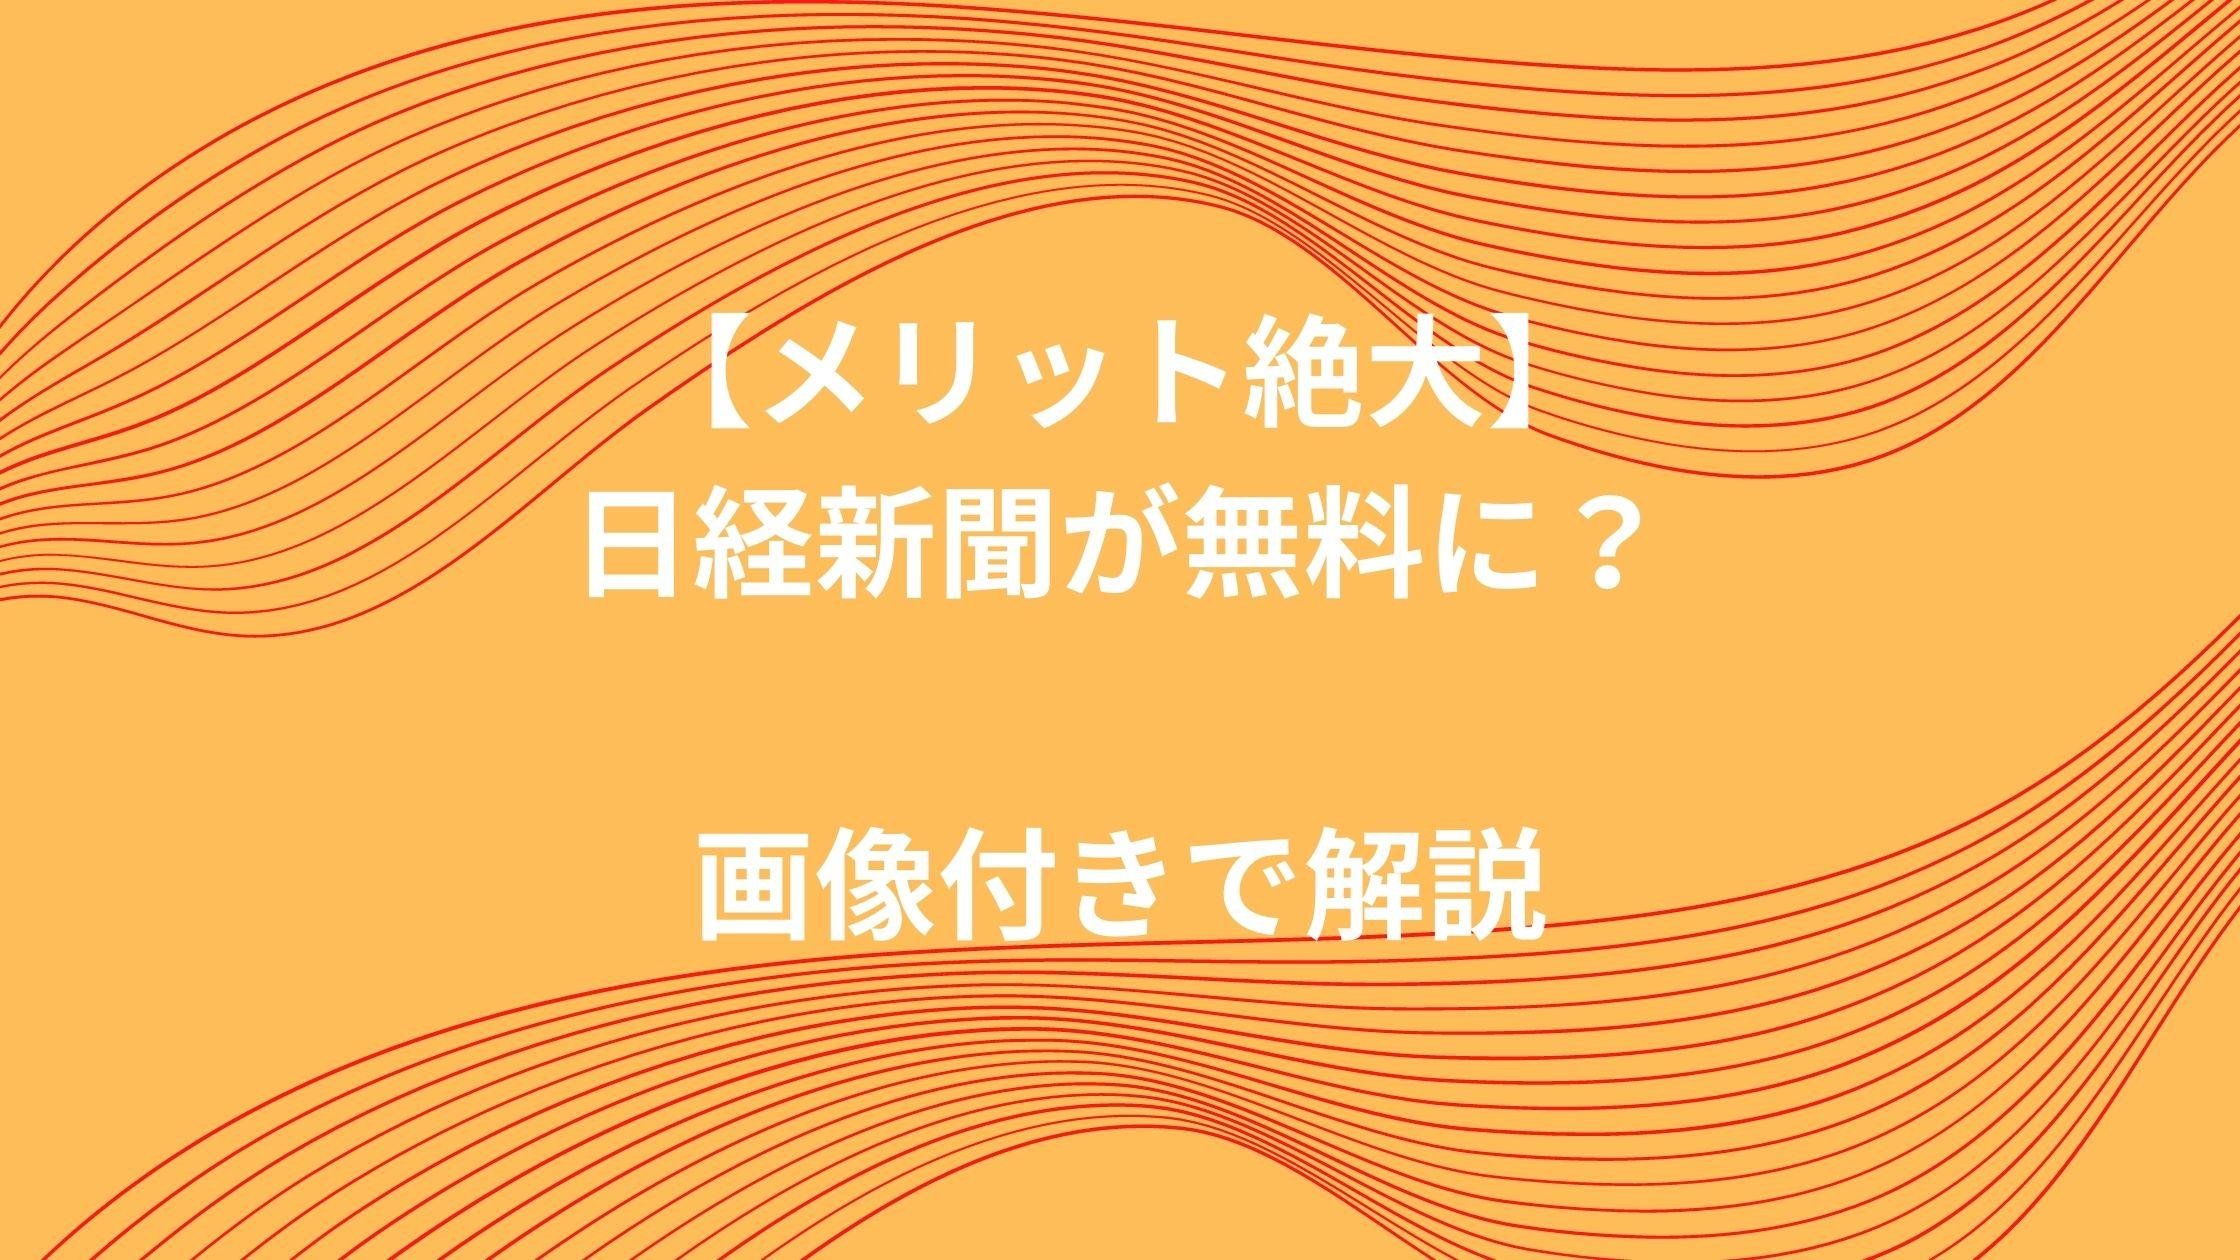 日経新聞を無料で読む手順